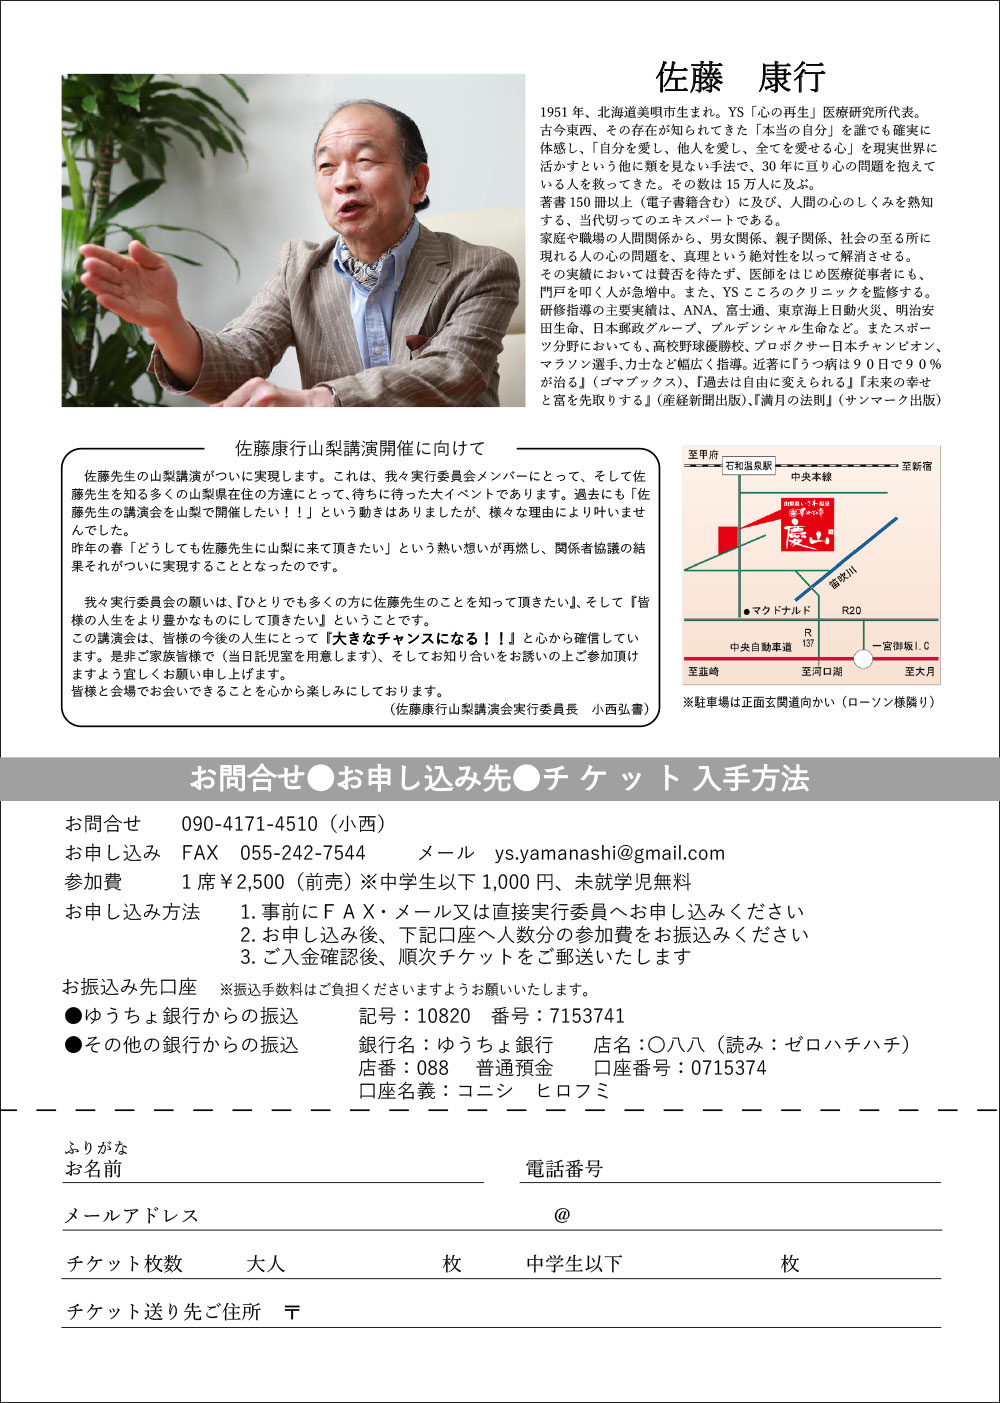 2017年1月28日佐藤康行山梨講演会